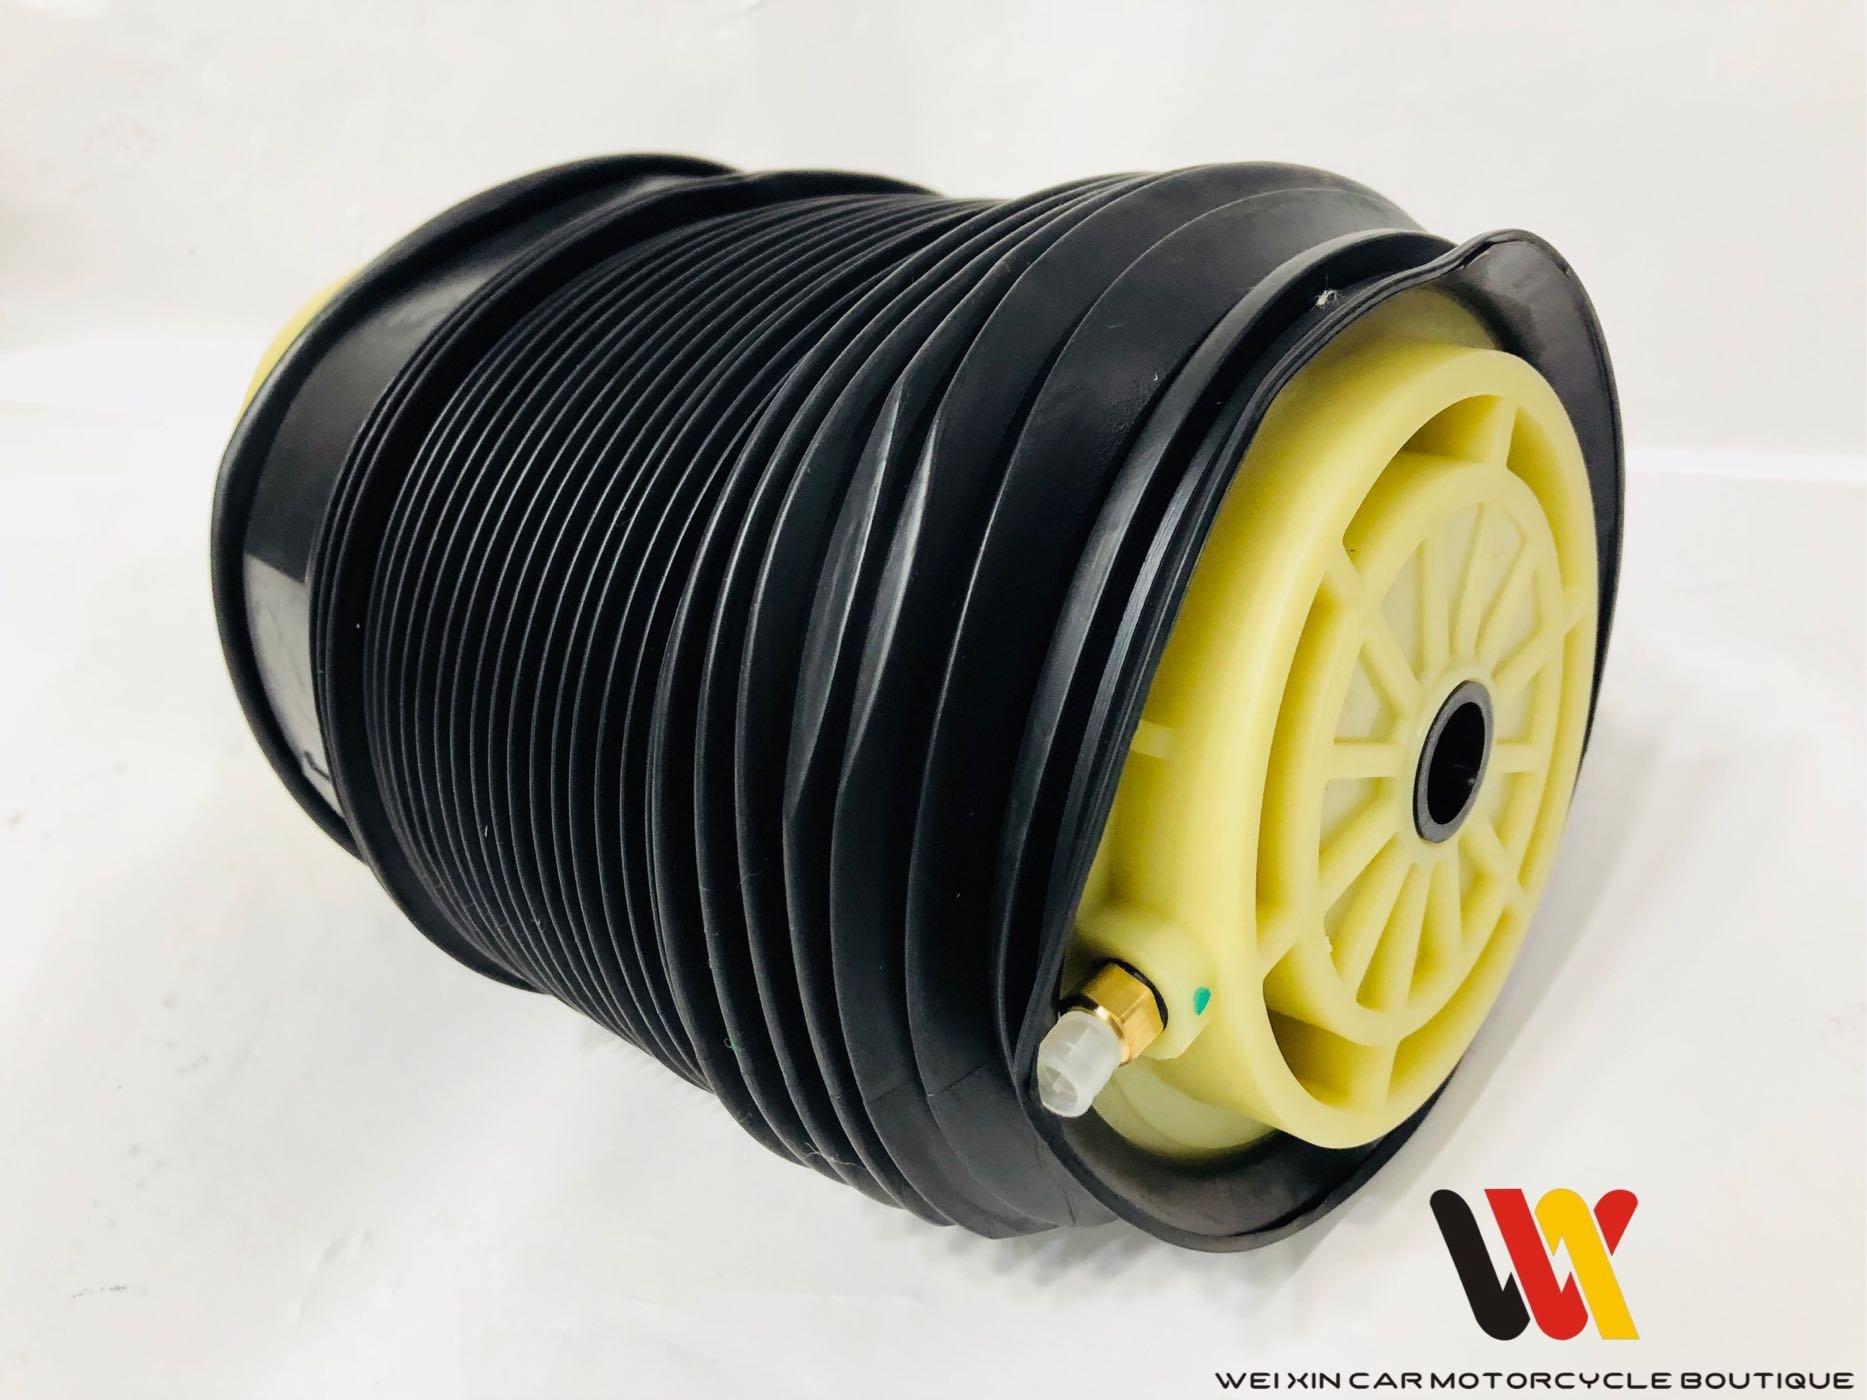 威鑫汽機車精品 賓士 W212 後氣壓避震器修理包一個9000元 保固半年 另有W218 W211 W166 W220 W221 W222 F02 F11